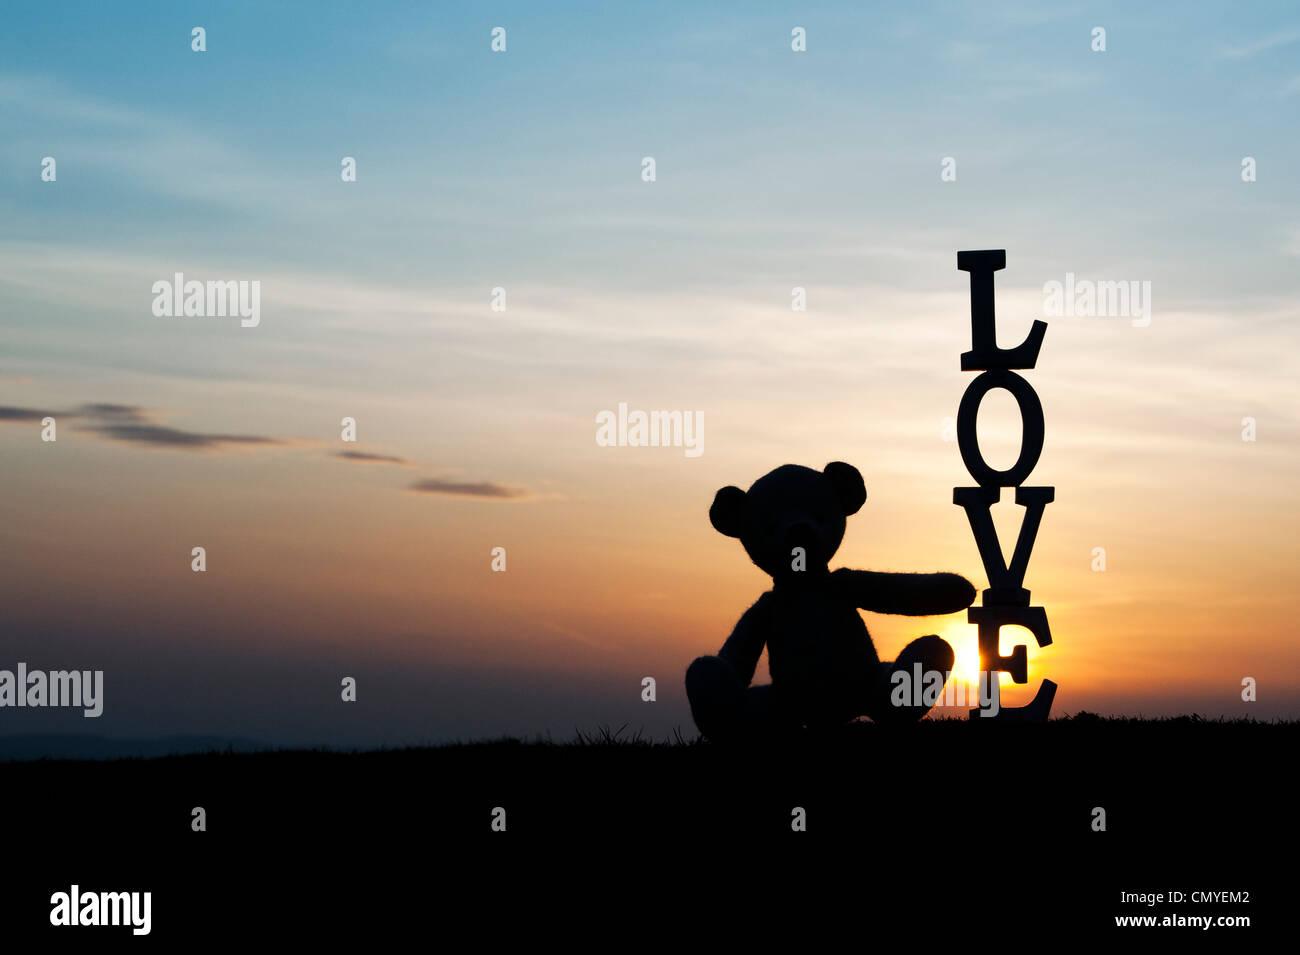 Orsacchiotto di peluche seduto accanto troppo la parola amore al tramonto. Silhouette Immagini Stock